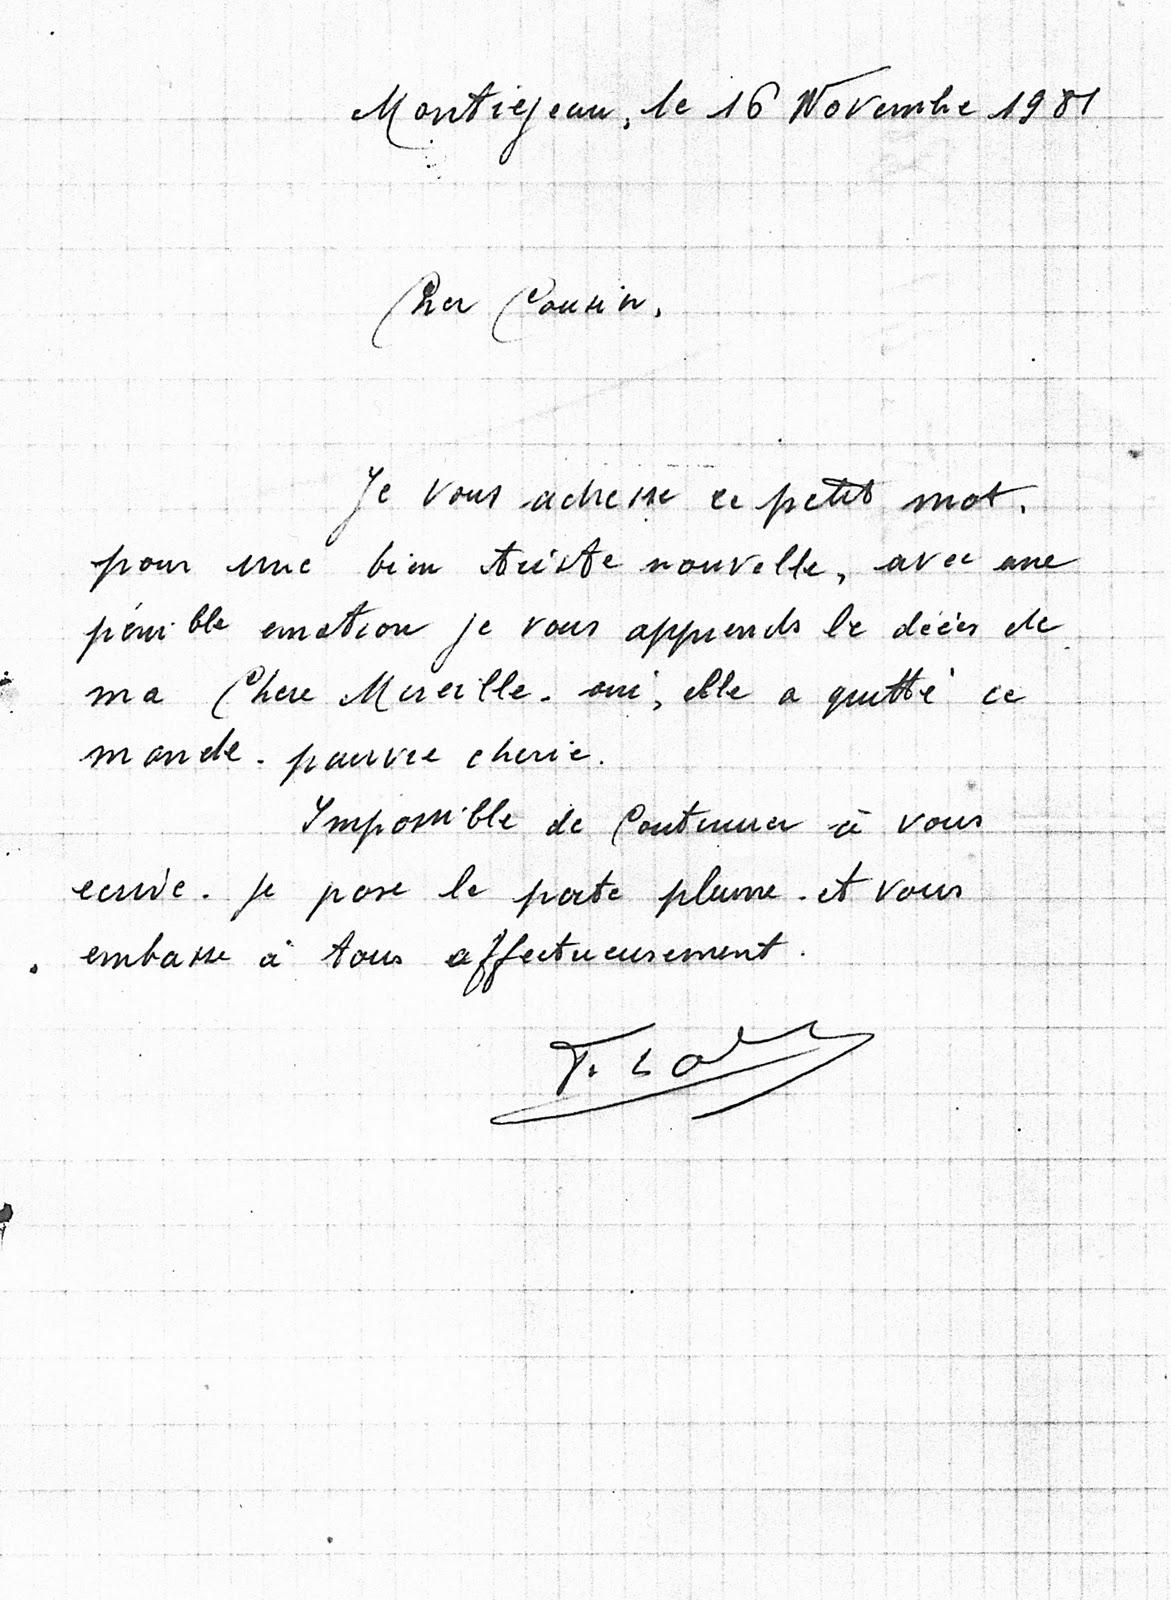 Sample Cover Letter: Exemple De Lettre De Procuration Pour ...